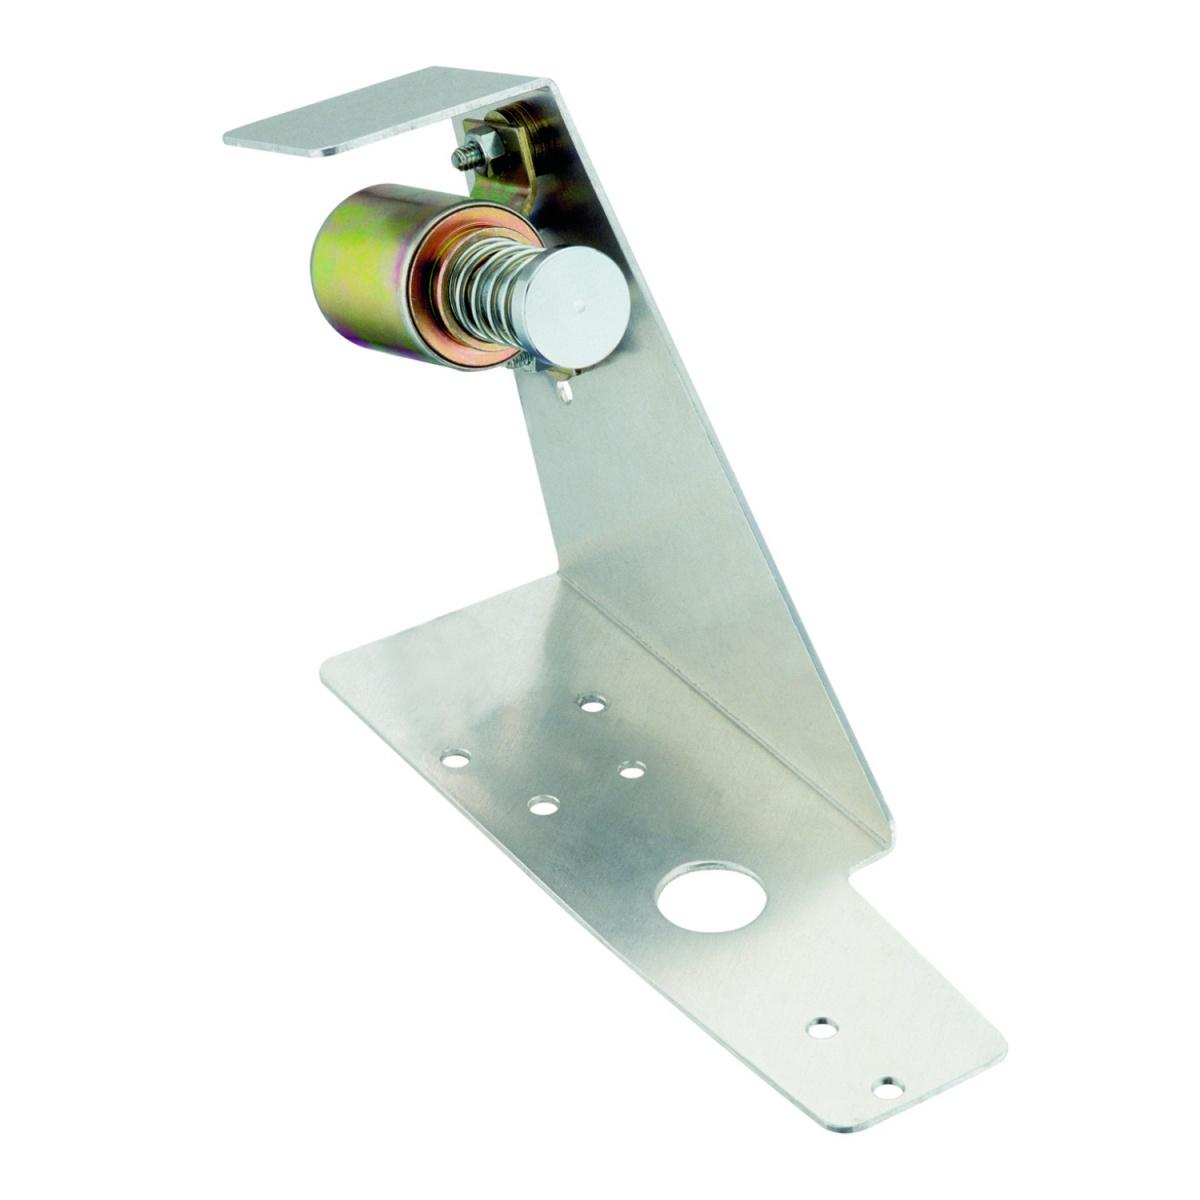 hurst shifter accessory  solenoid shift kit for quarter